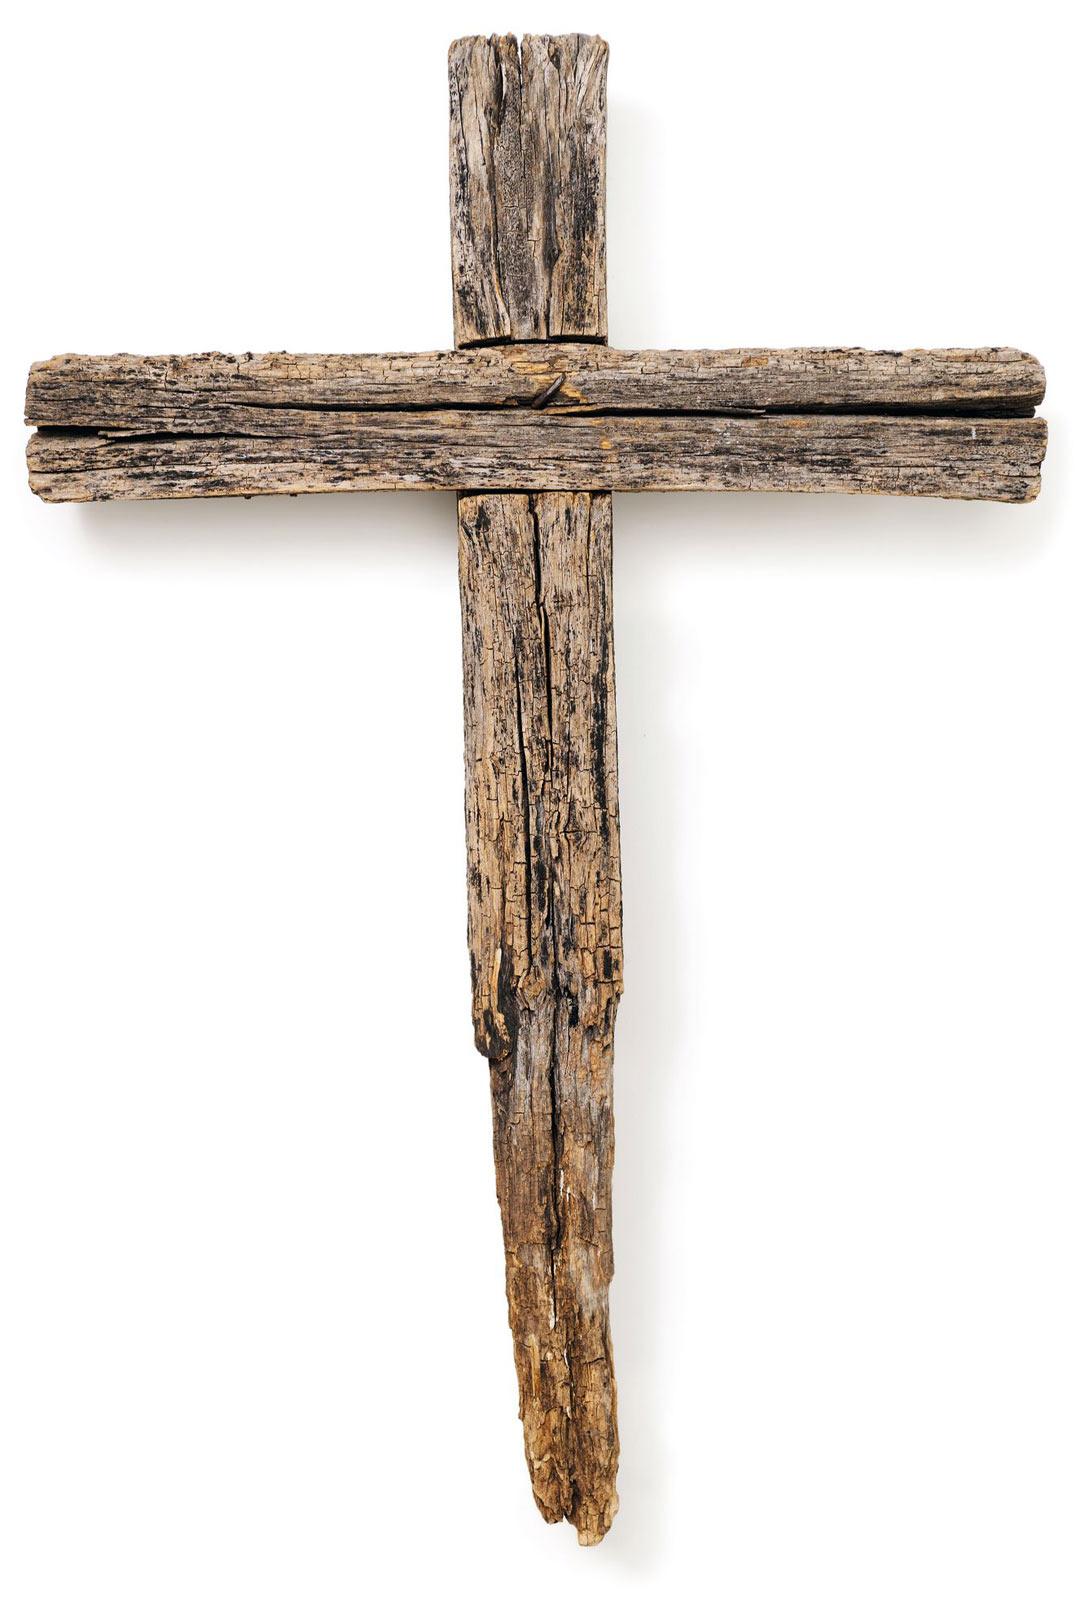 Suomen taiteen kultakauden mestareiden suhde kirkkoon oli avoimen kriittinen, vaikka kirkko oli eräs merkittävä työllistäjä. Esimerkiksi Akseli Gallen-Kallela piti Jeesuksen opetuksia hyvinä, mutta koki, ettei kirkko kyennyt tai halunnut opettaa niitä kansalle.